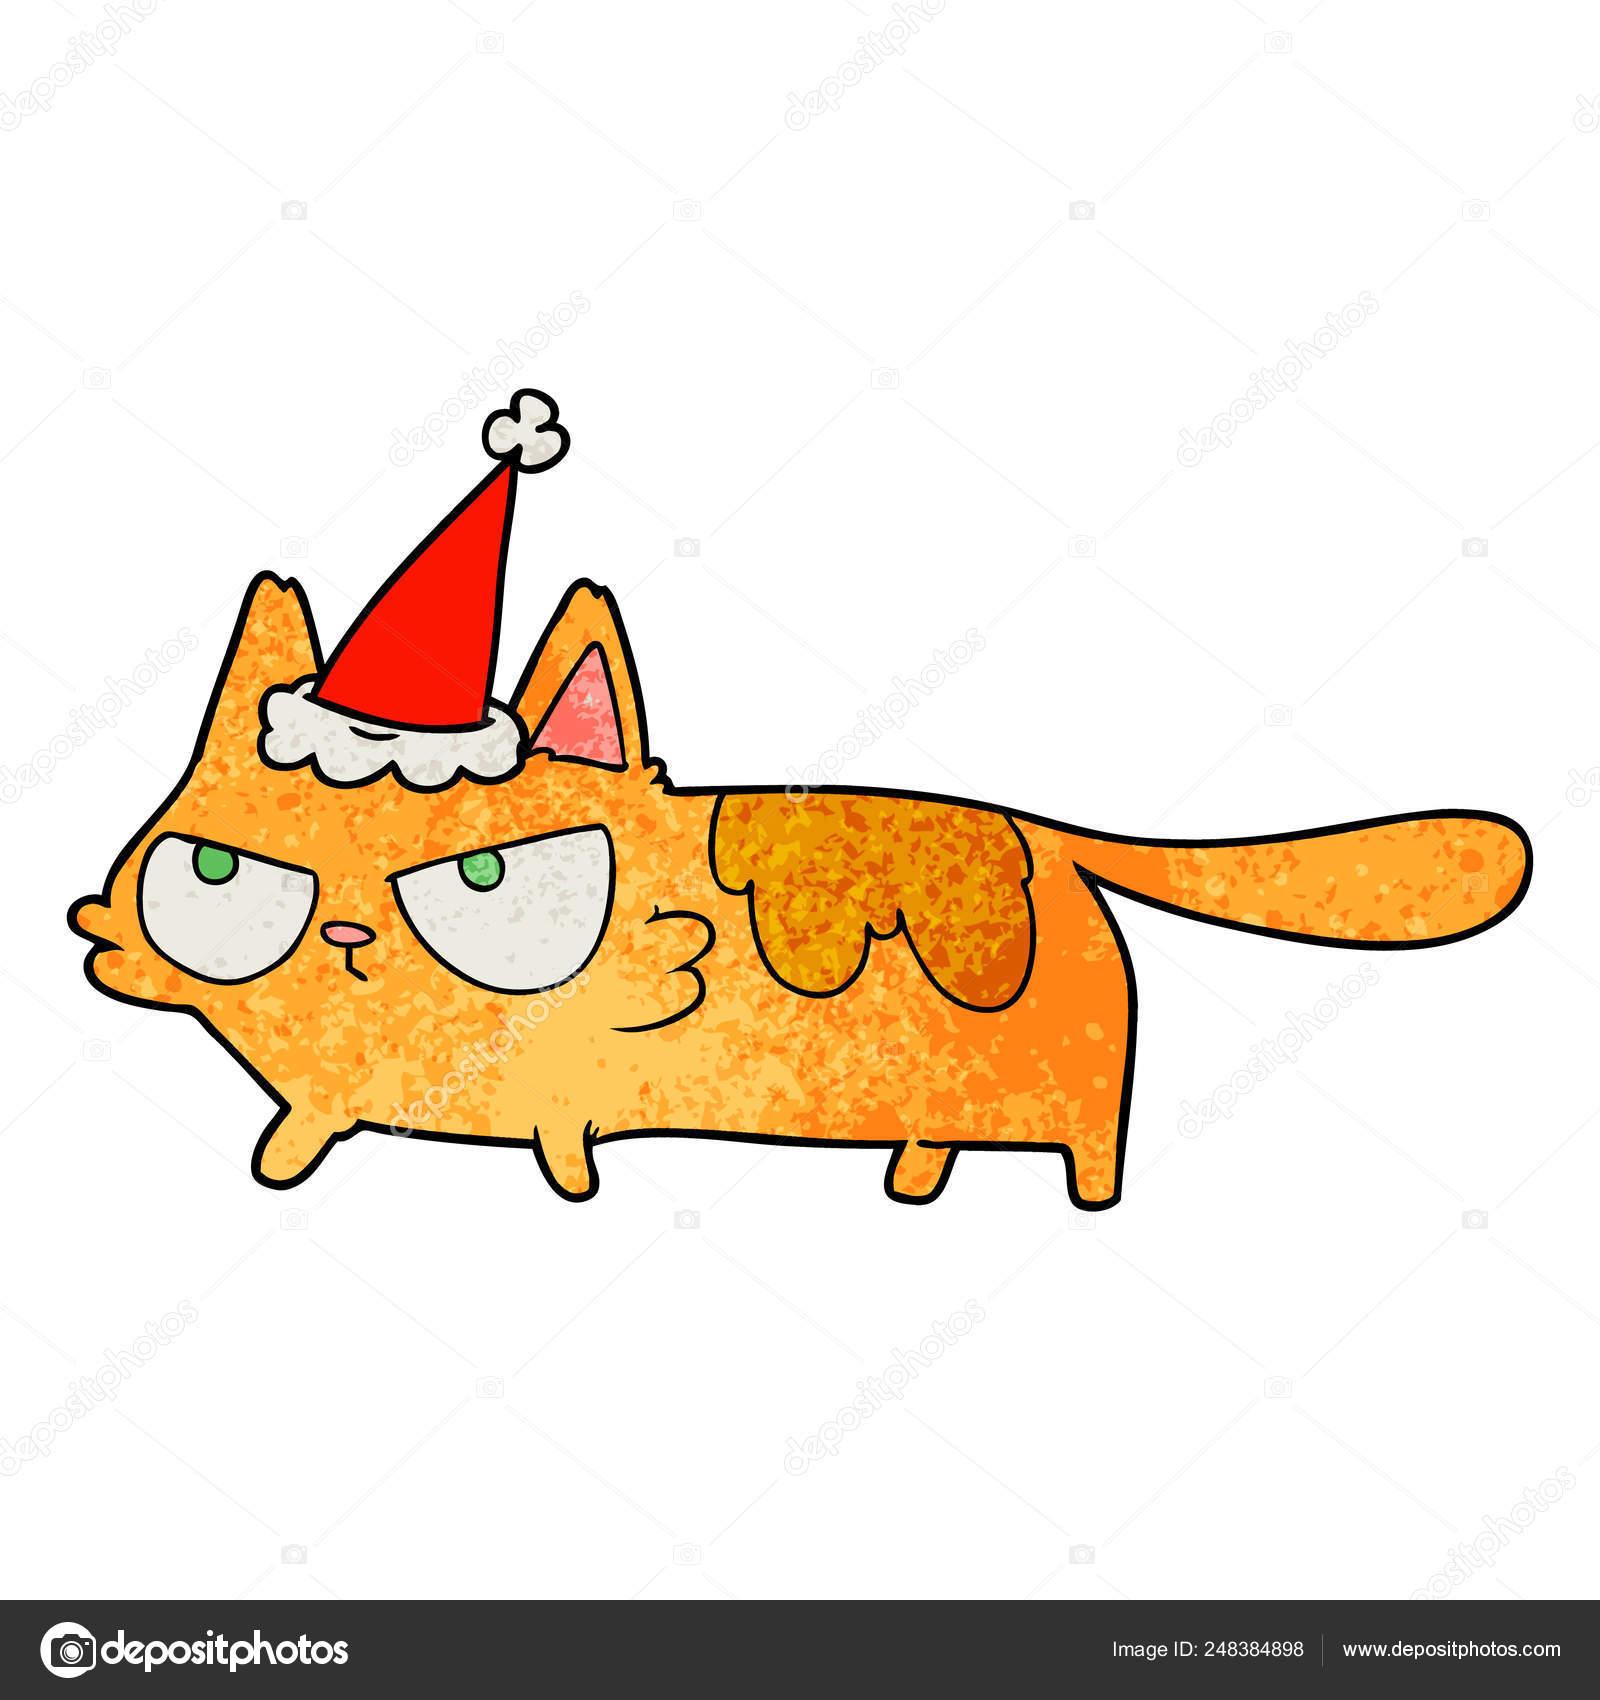 Mao Desenhada Texturizado Desenho Animado Gato Bravo Com Chapeu